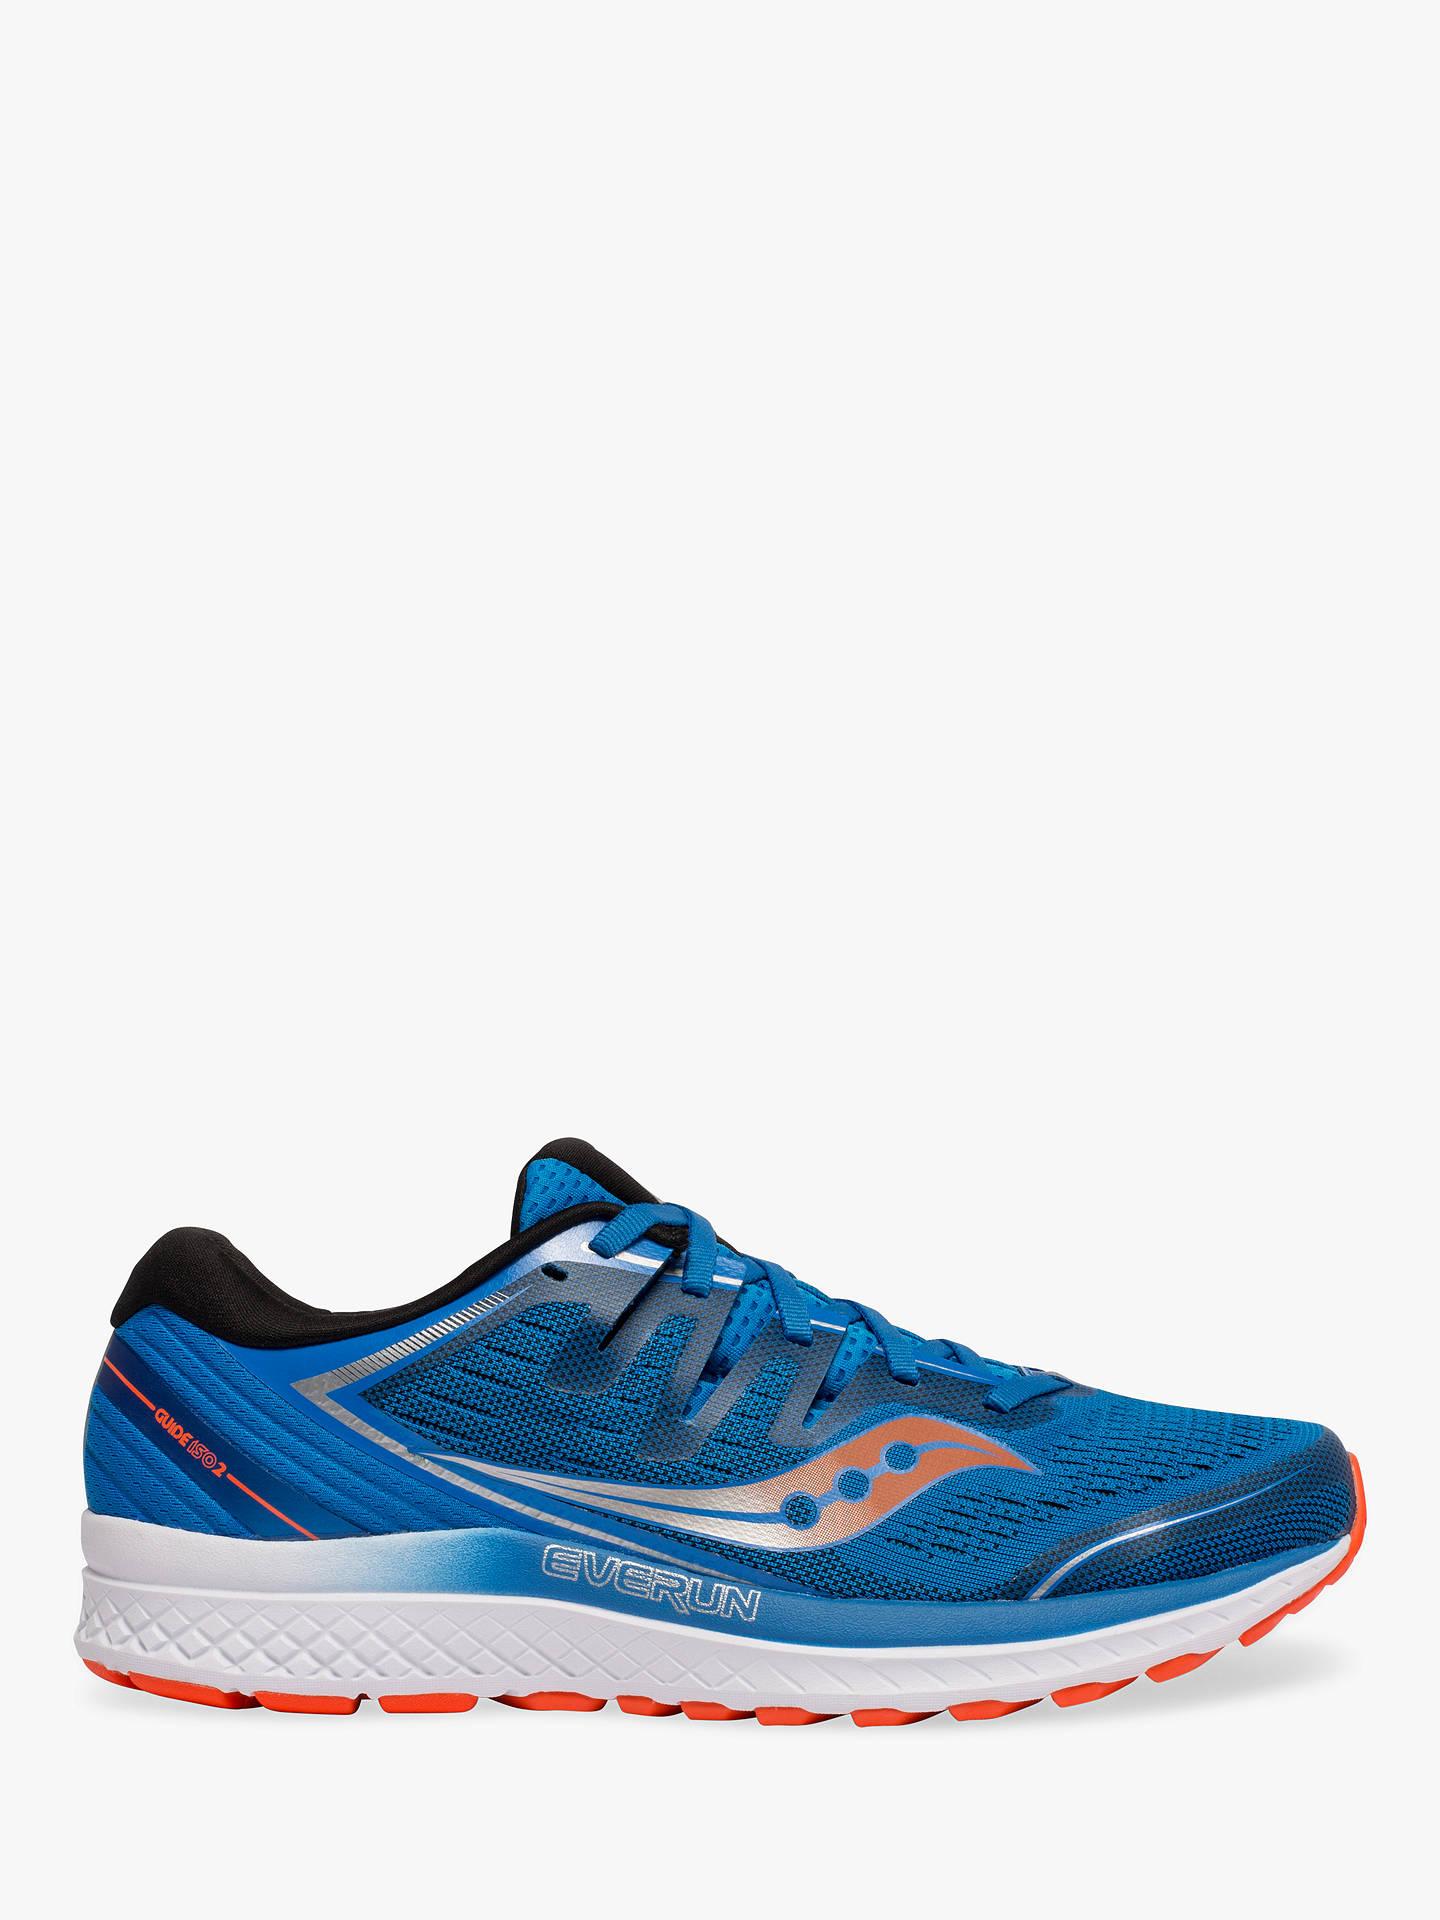 c65516499881 Buy Saucony Guide ISO 2 Men s Running Shoes